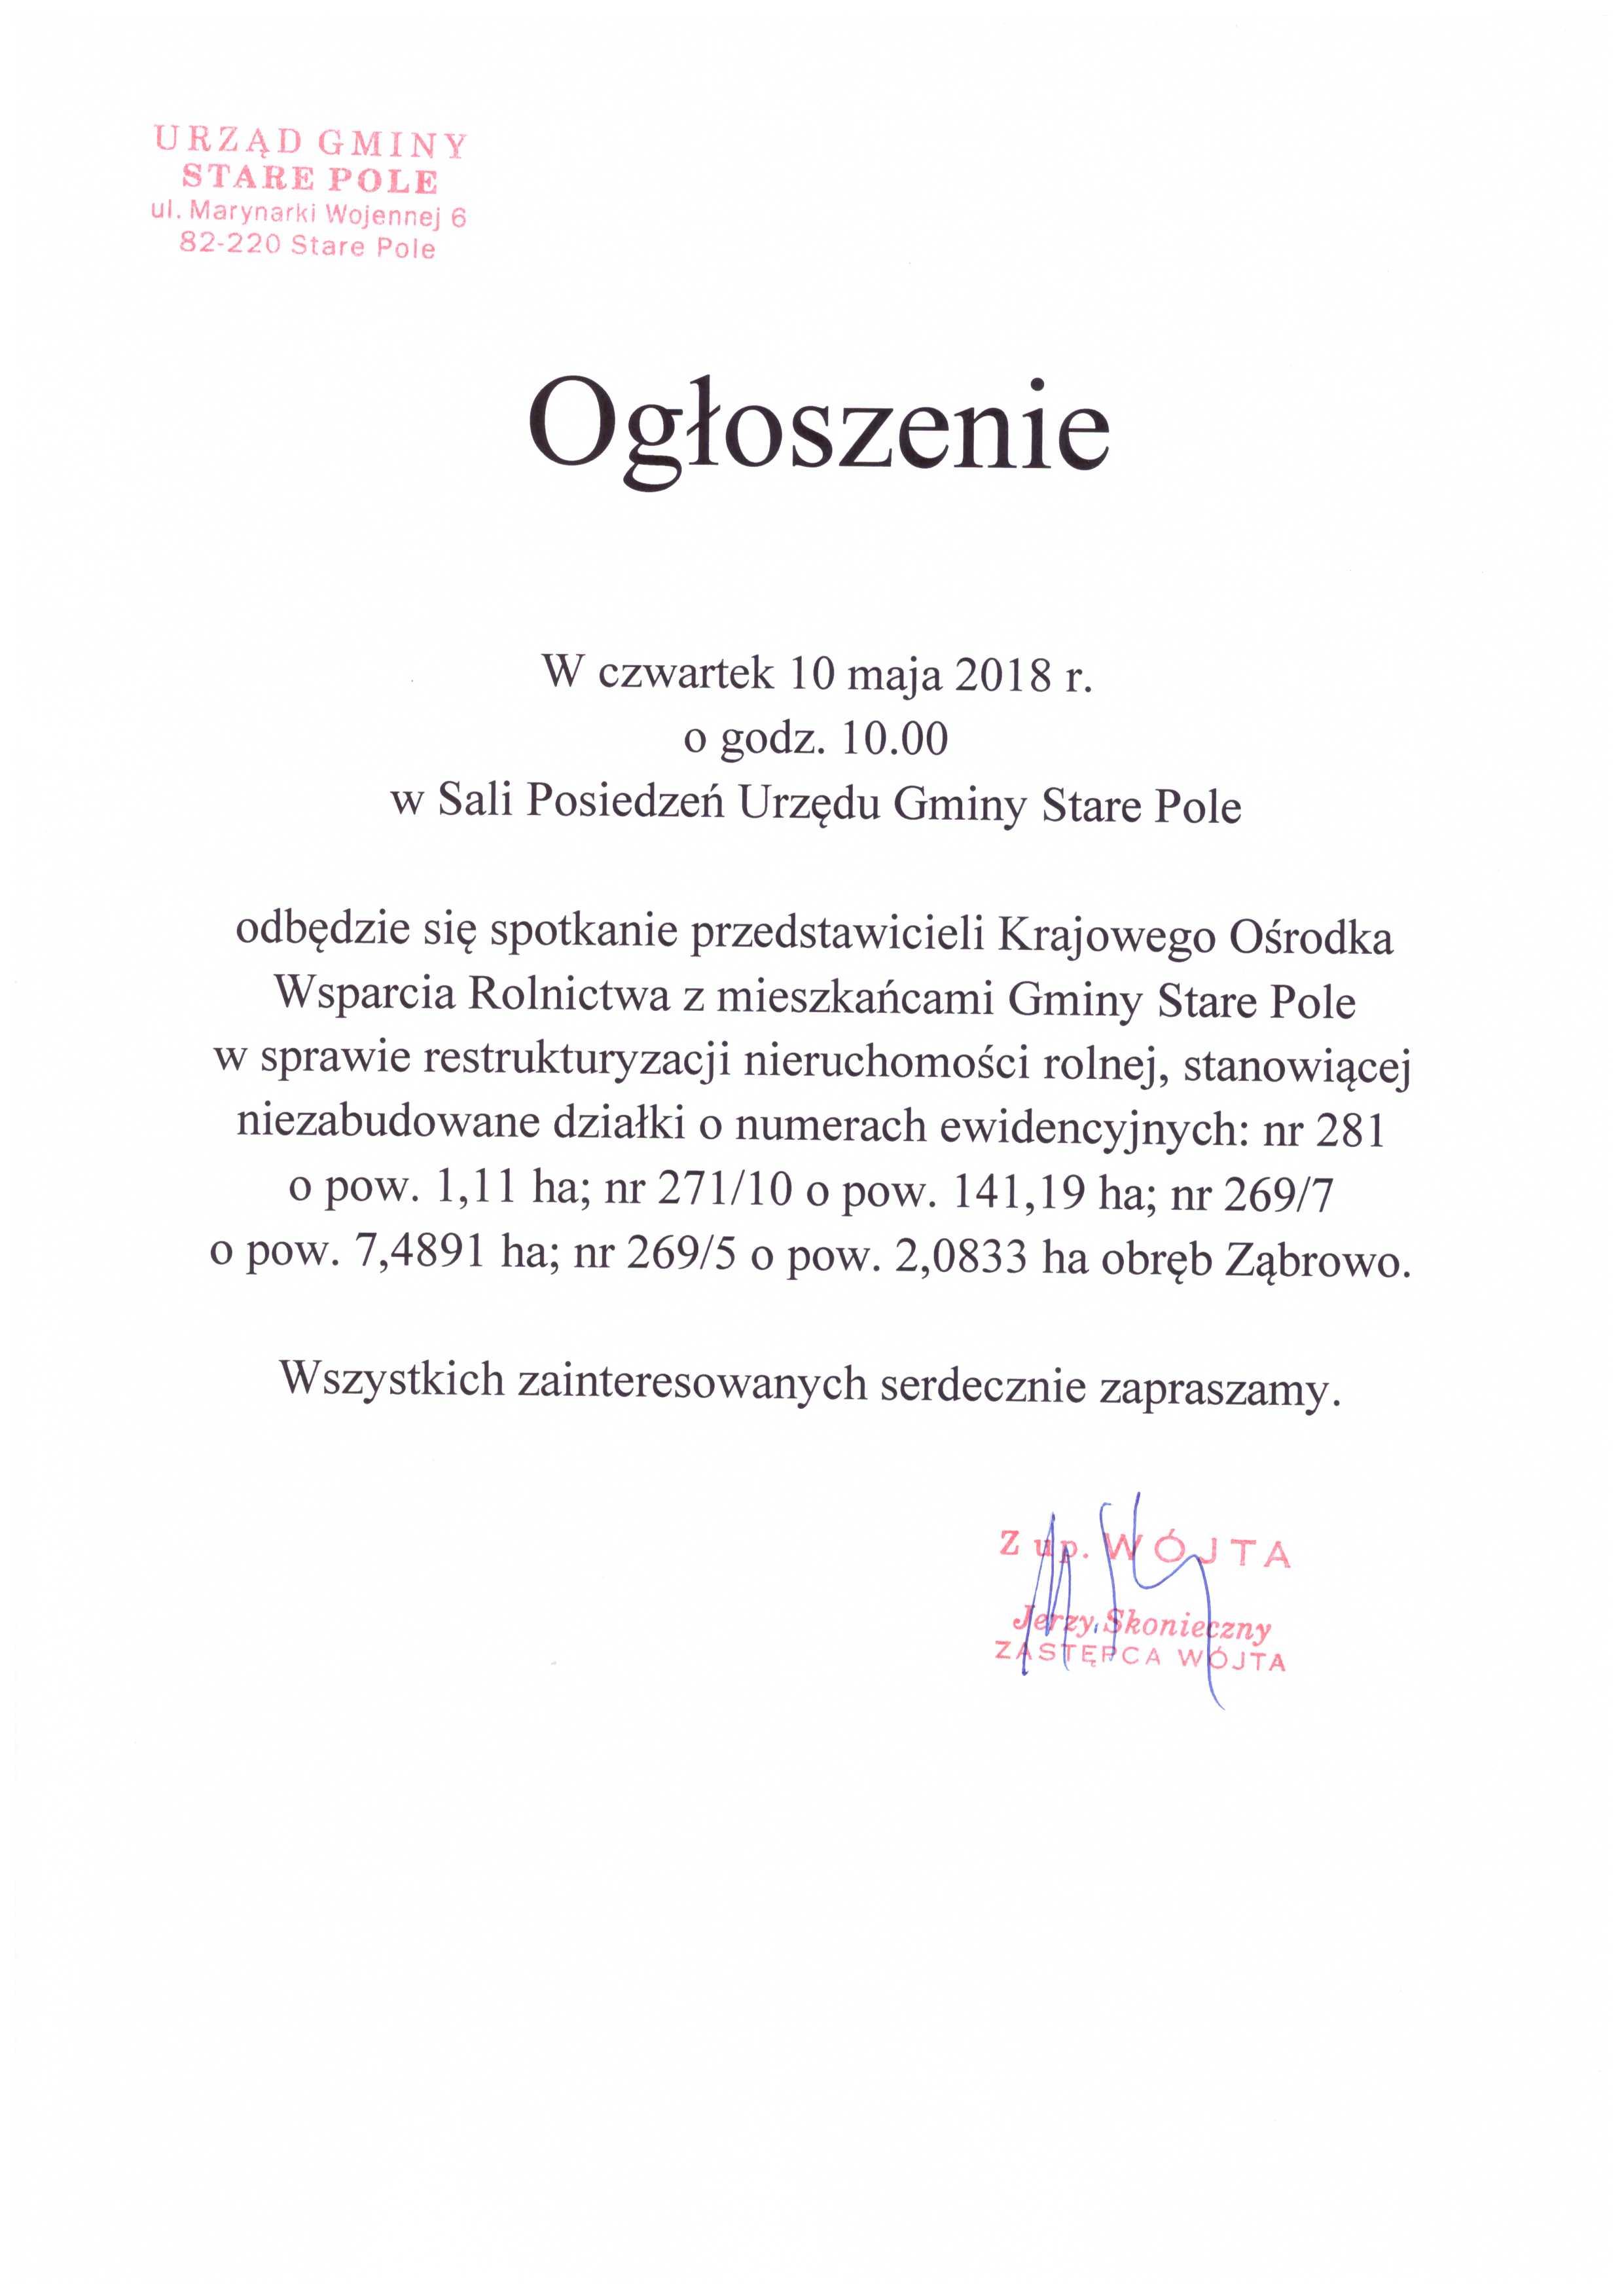 Ogłoszenie Wójta Gminy Stare Pole z dnia 7 maja 2018 r.